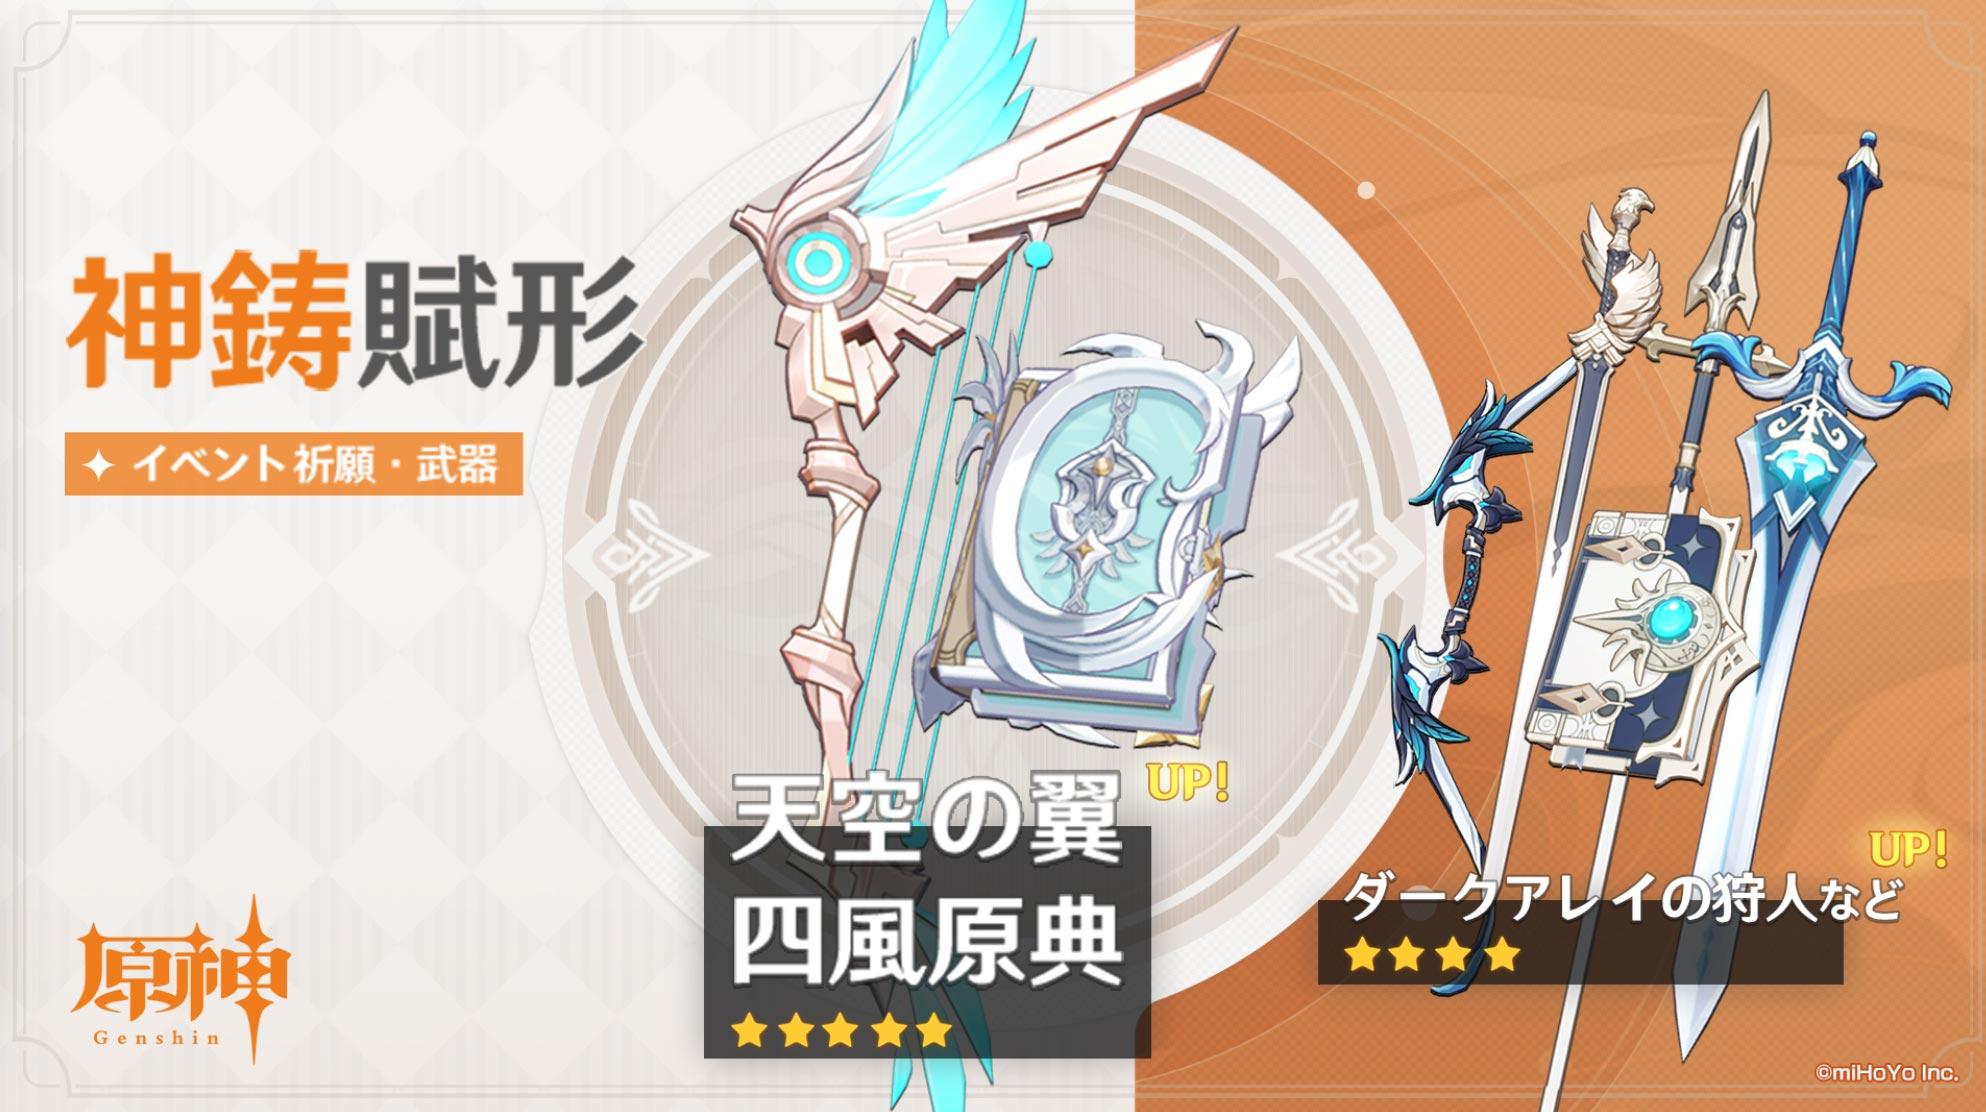 【原神】次のPU武器は天空弓と四風原典。凝光クレー使いもいいし、どちらも汎用性もあるぞ!